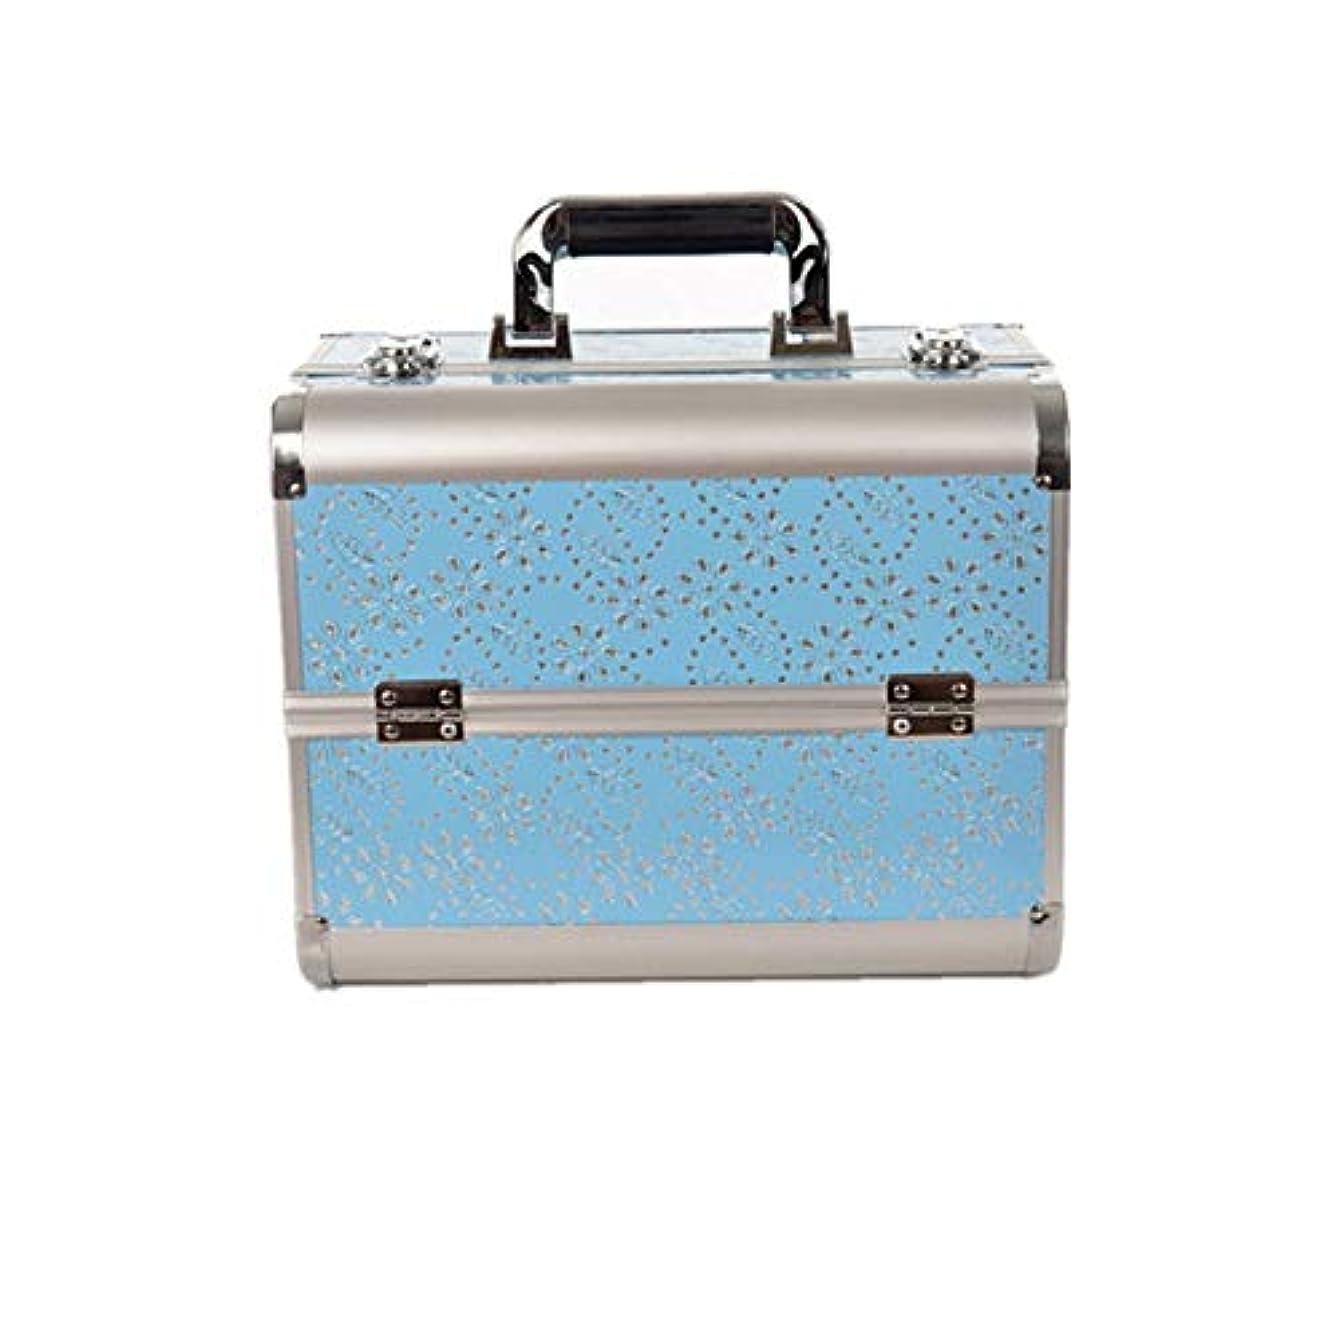 同情的未知のアルプス化粧オーガナイザーバッグ 大容量ポータブル化粧ケース(トラベルアクセサリー用)シャンプーボディウォッシュパーソナルアイテム収納式 化粧品ケース